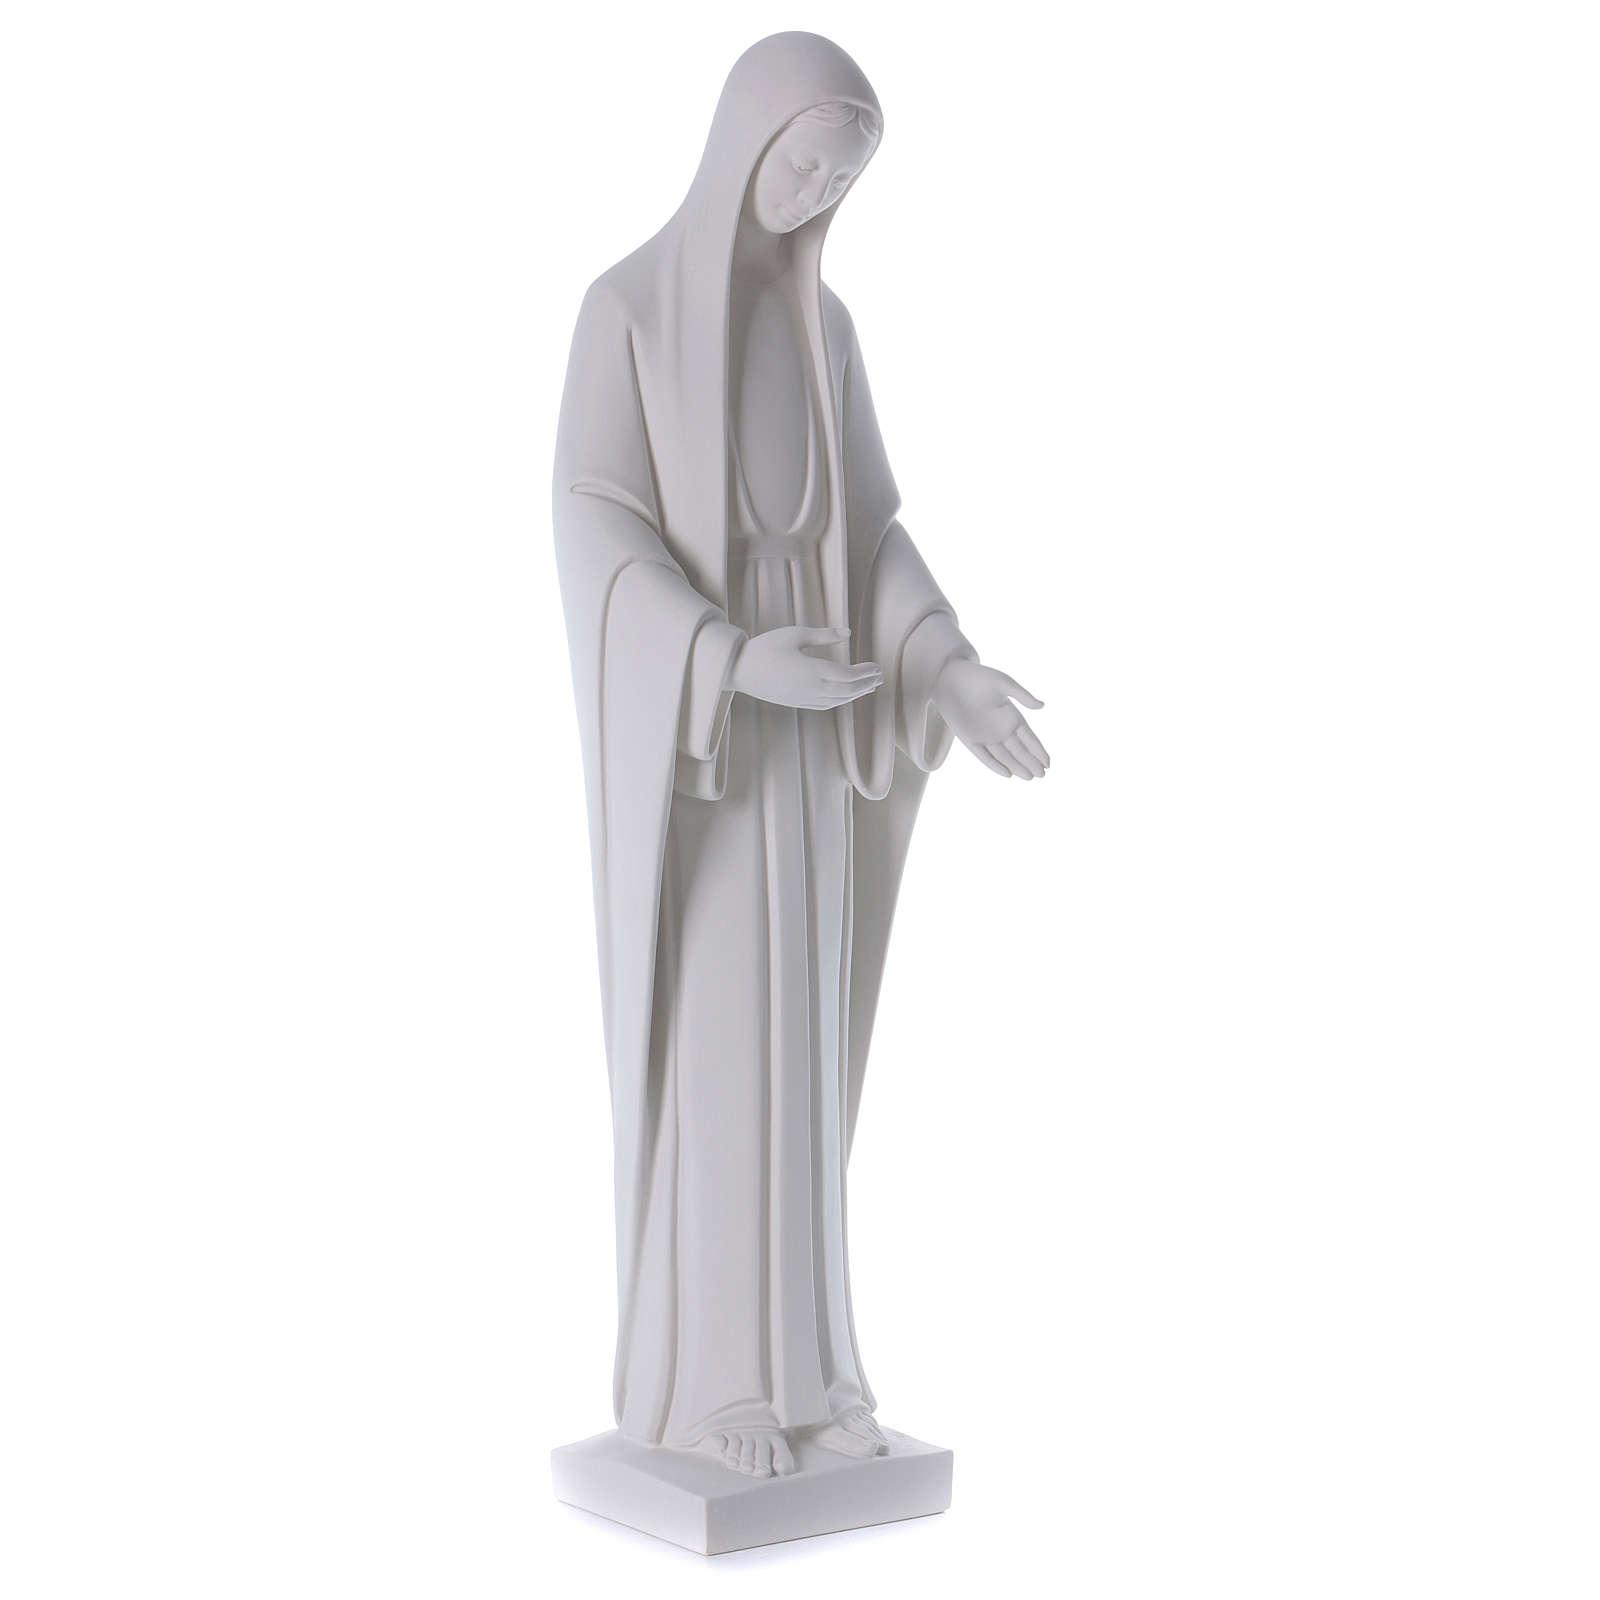 Statue Vierge Marie poudre de marbre blanc 60-80 cm 4